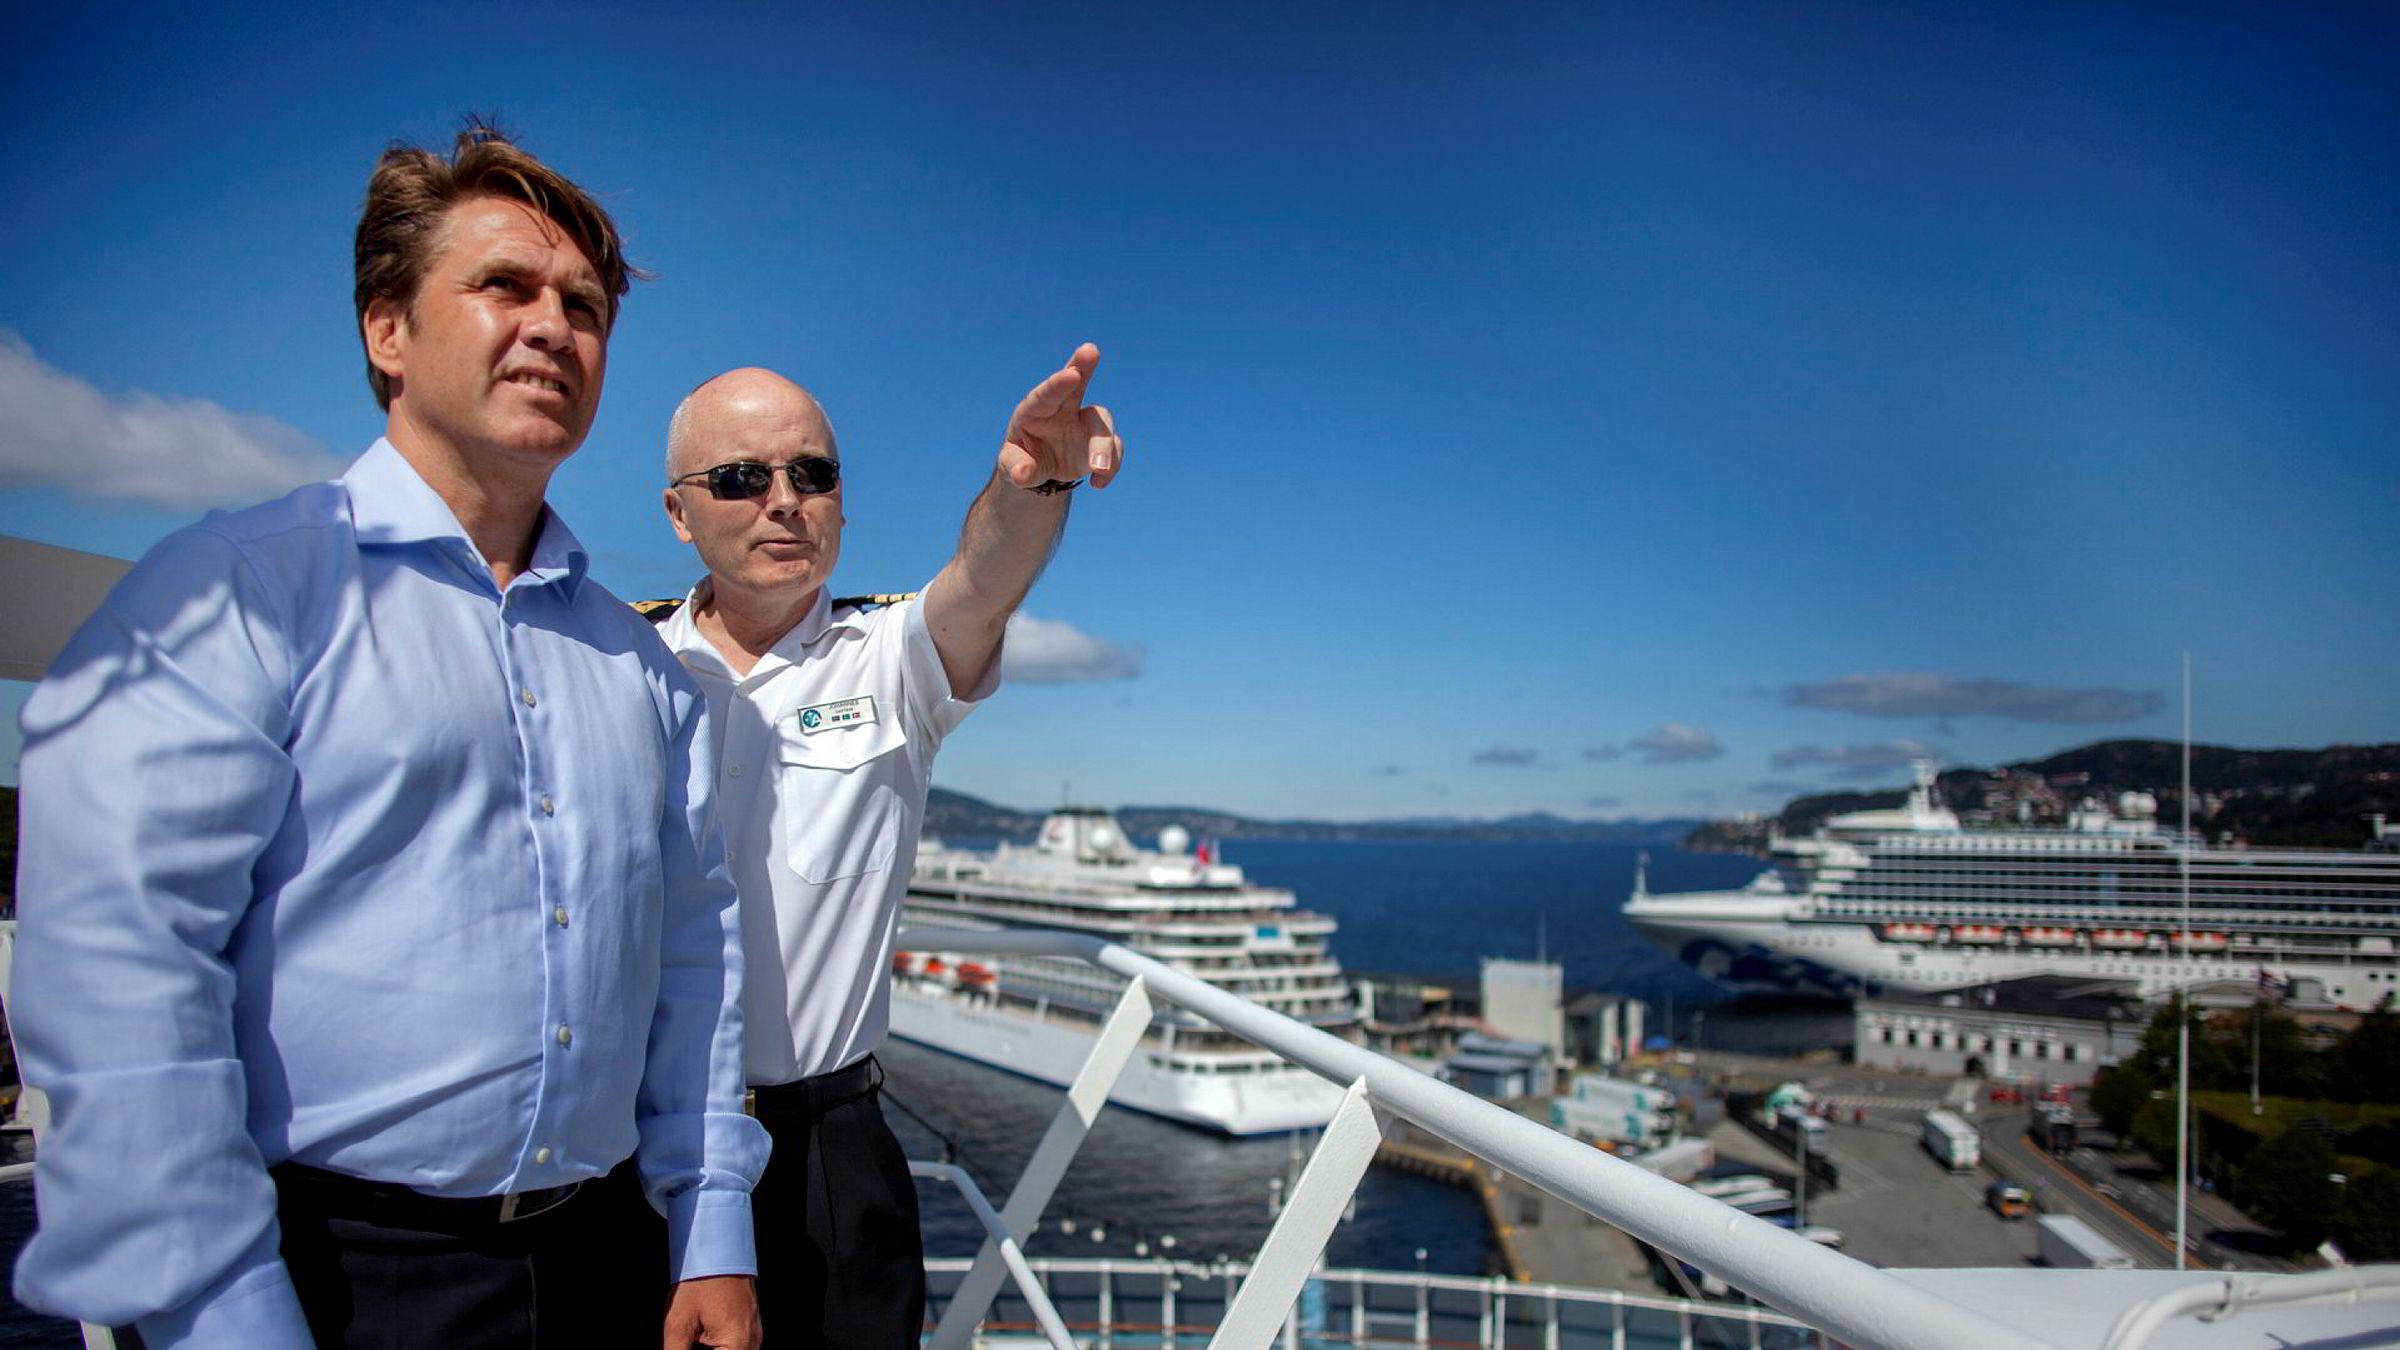 Geir Kronbæck, her sammen med kaptein Johannes Tysse på skipet «Azamara Journey», ble ansatt som Norden-sjef i Royal Caribbean Cruises i fjor høst. Nå får han ikke lov til å uttale seg om de store endringene selskapet planlegger i Oslo og Norden for øvrig.